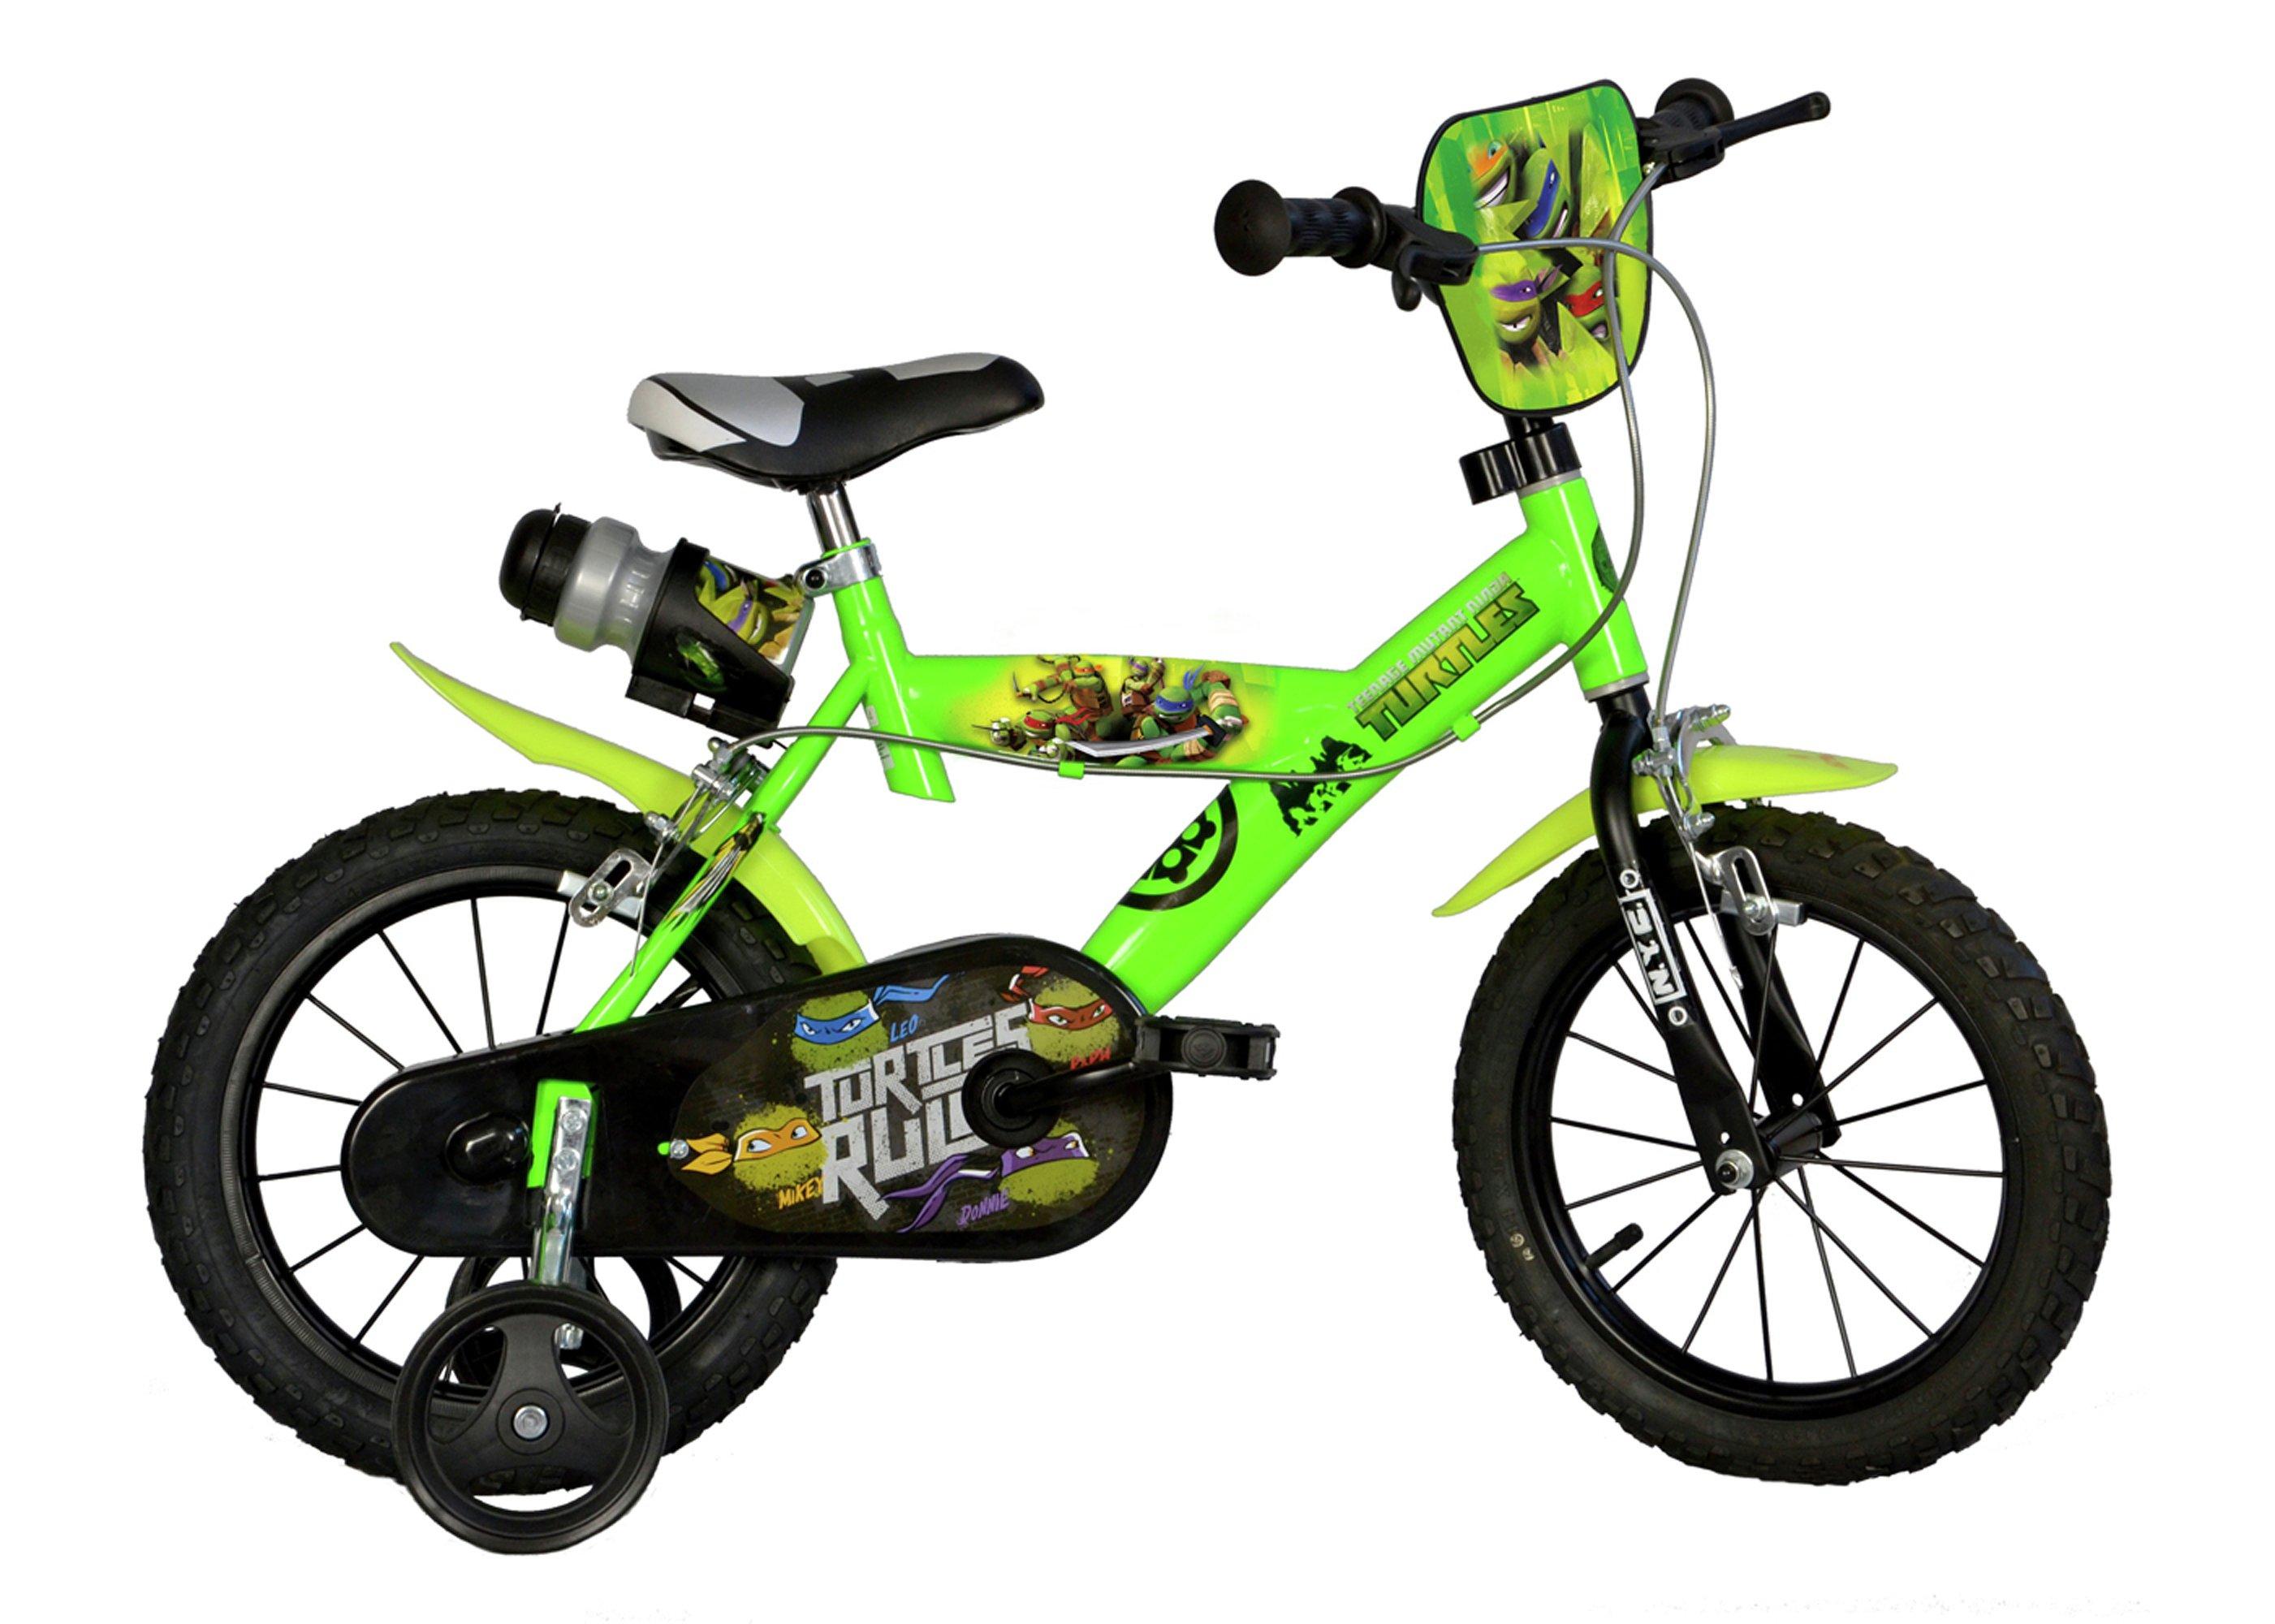 Teenage Mutant Ninja Turtles 14 Inch Kids Bike